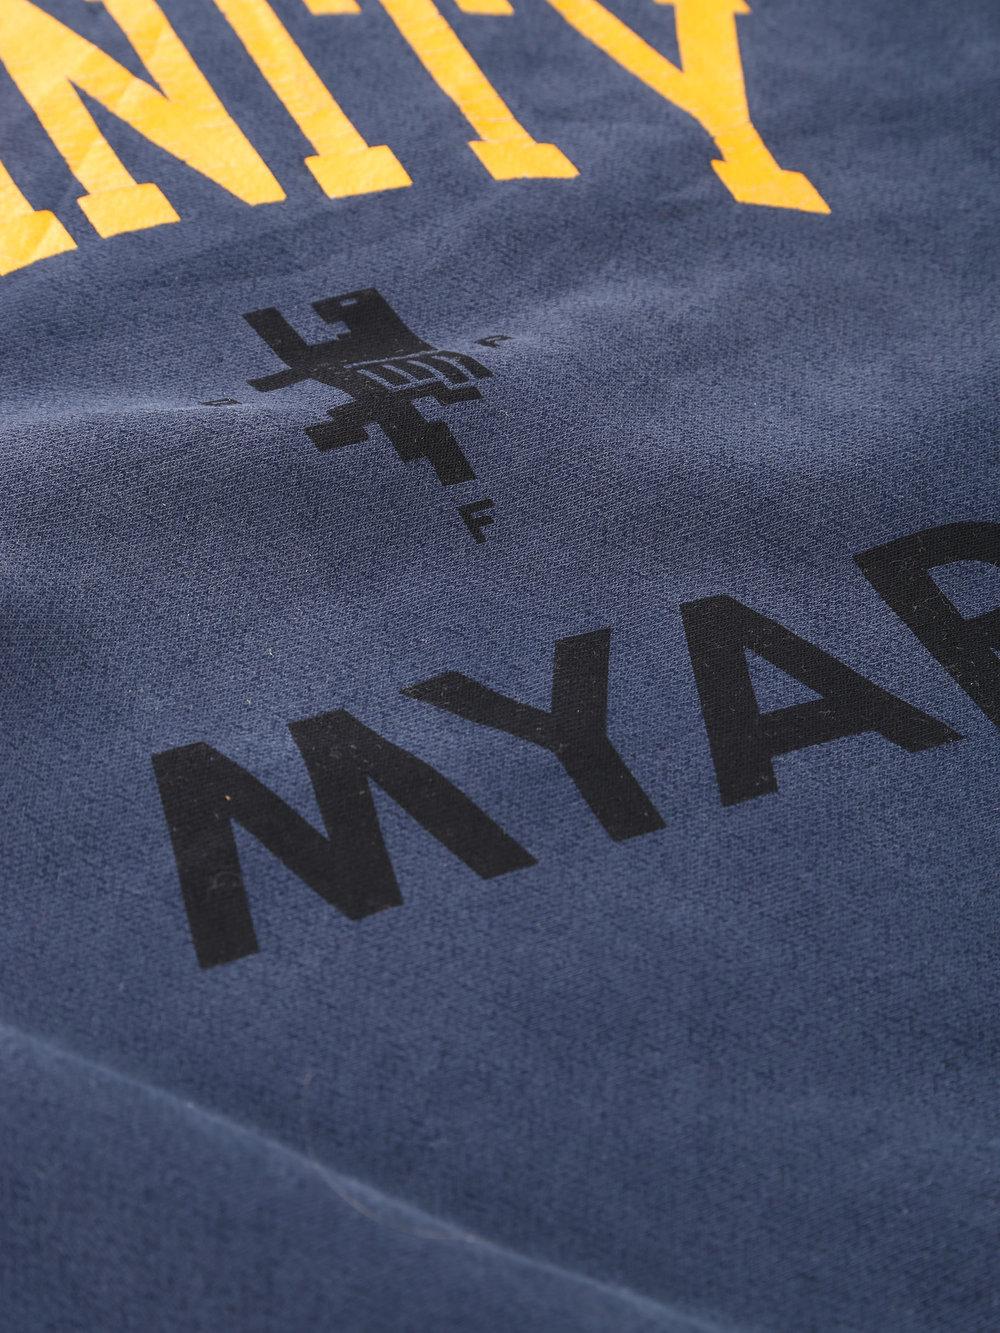 MYAR_usw9f (4).JPG